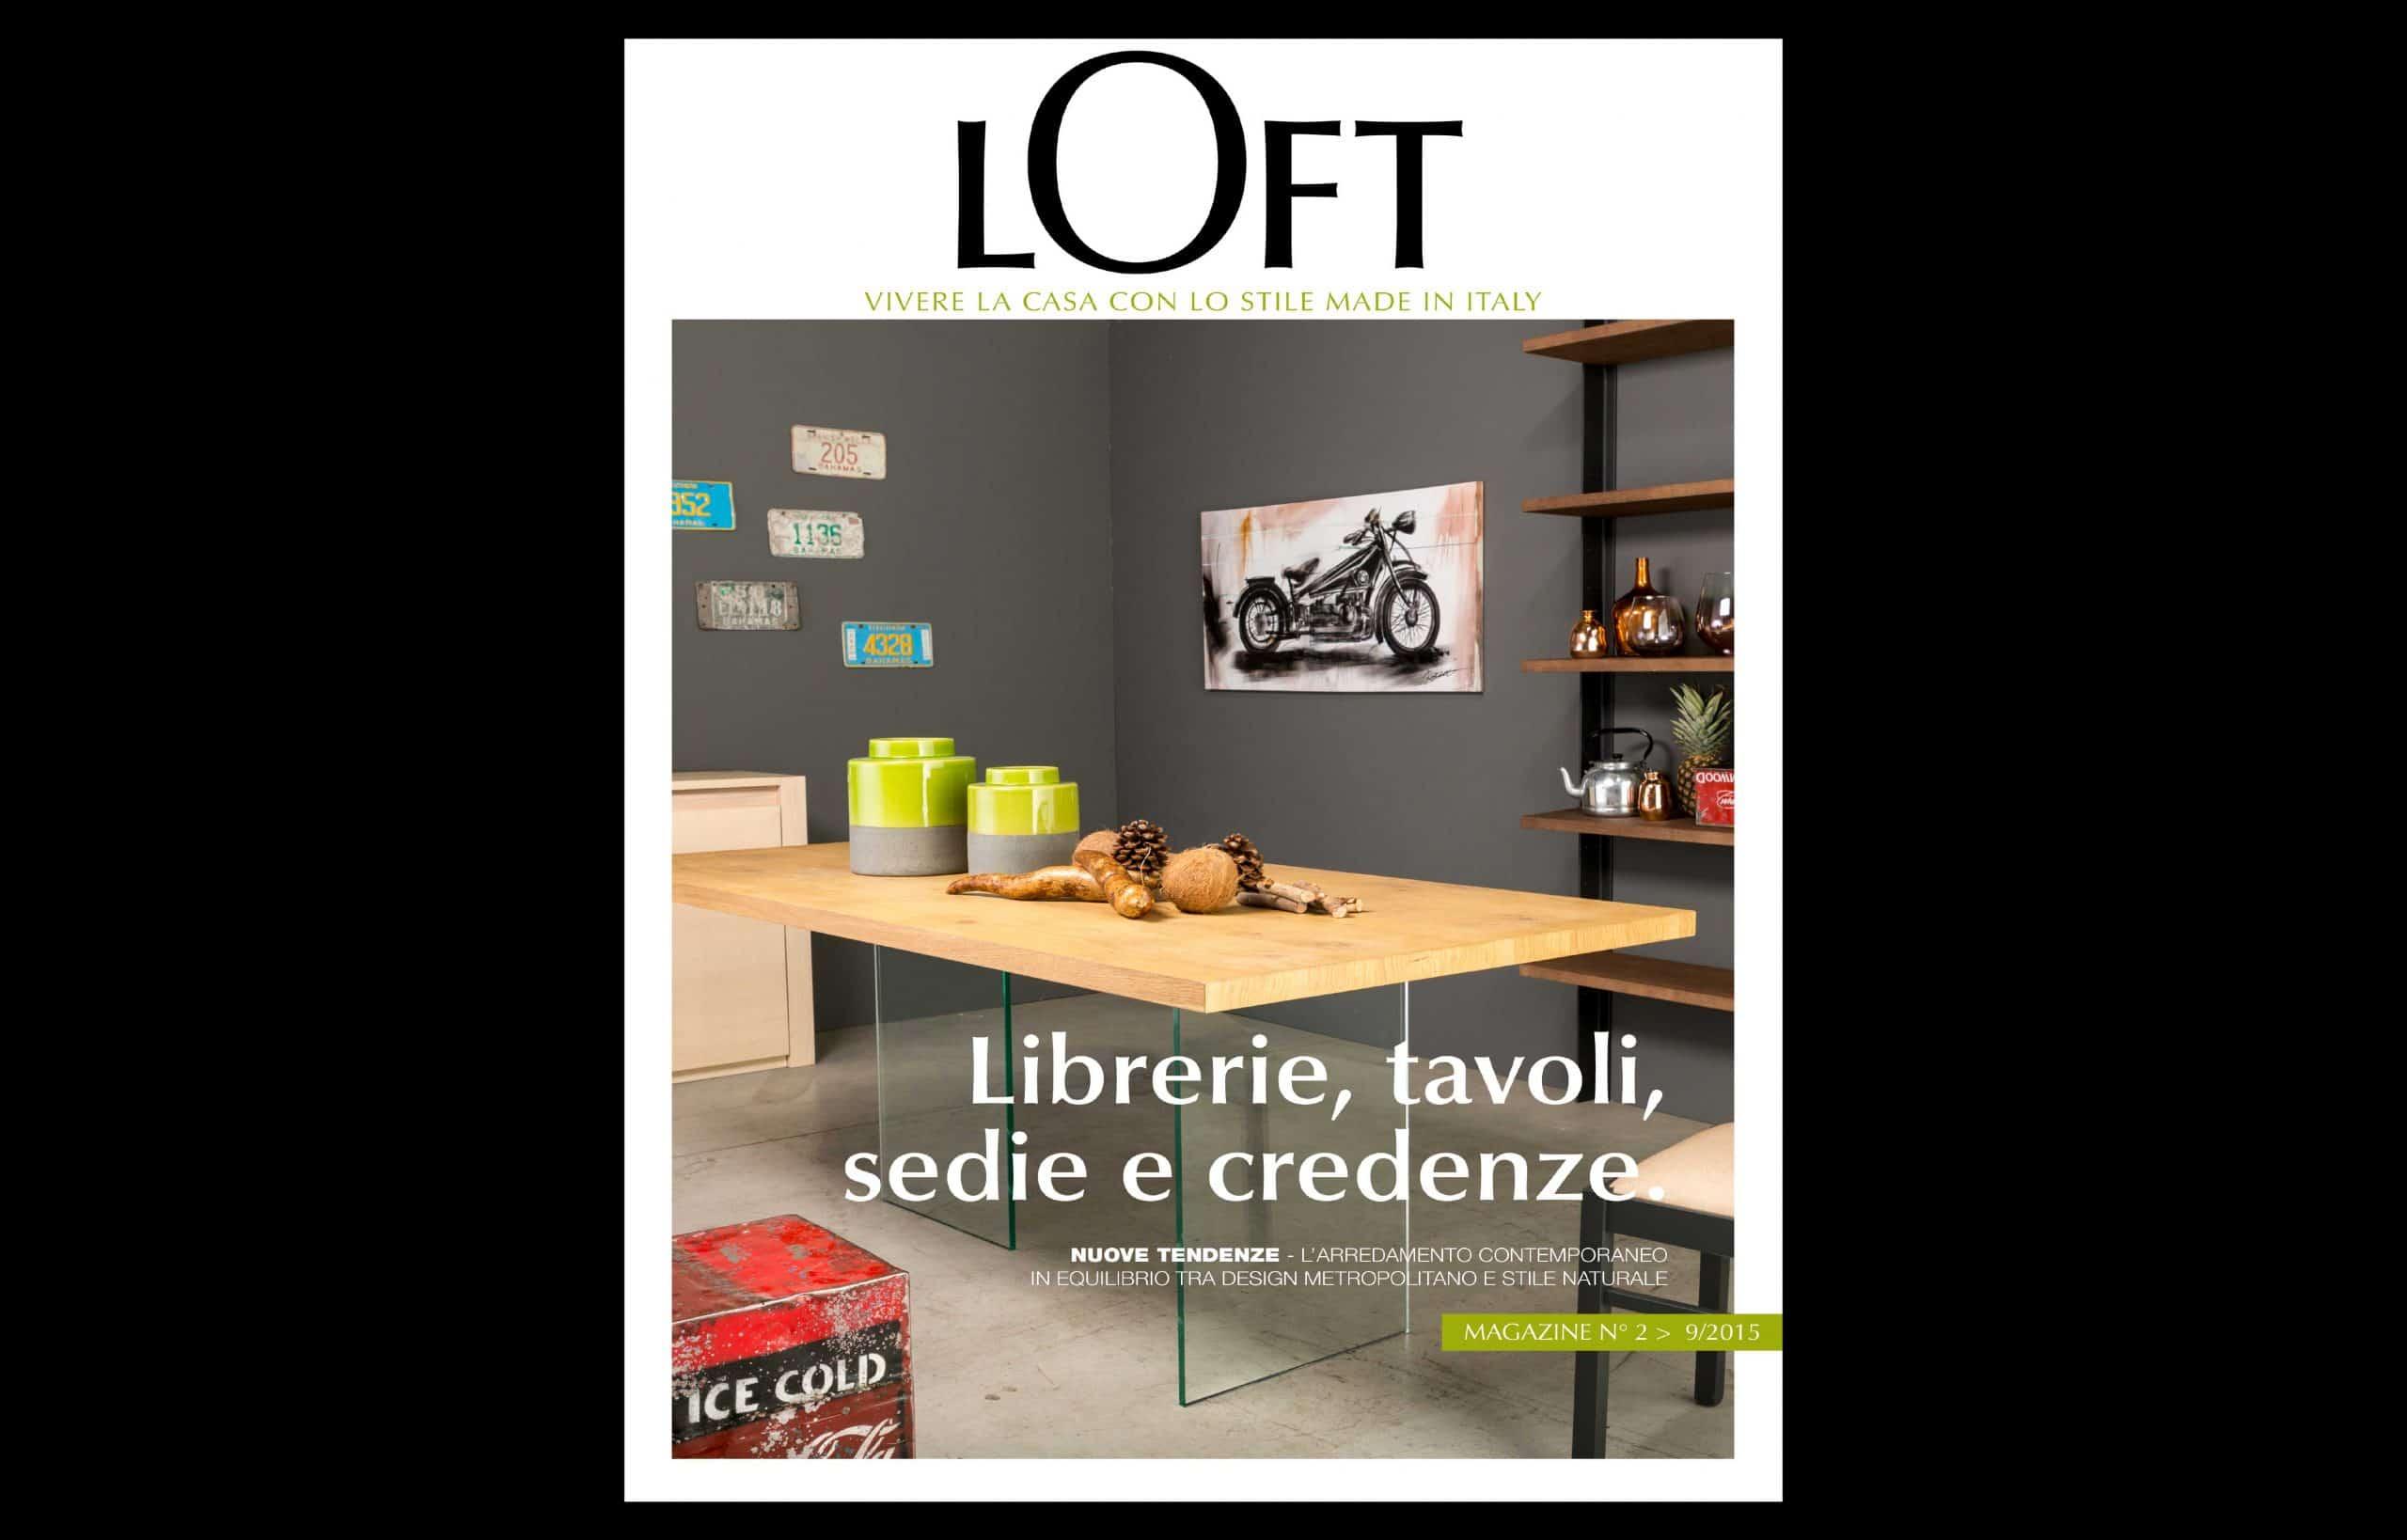 Loft-Zanini-Mobili-creazione-brochure-a-padova